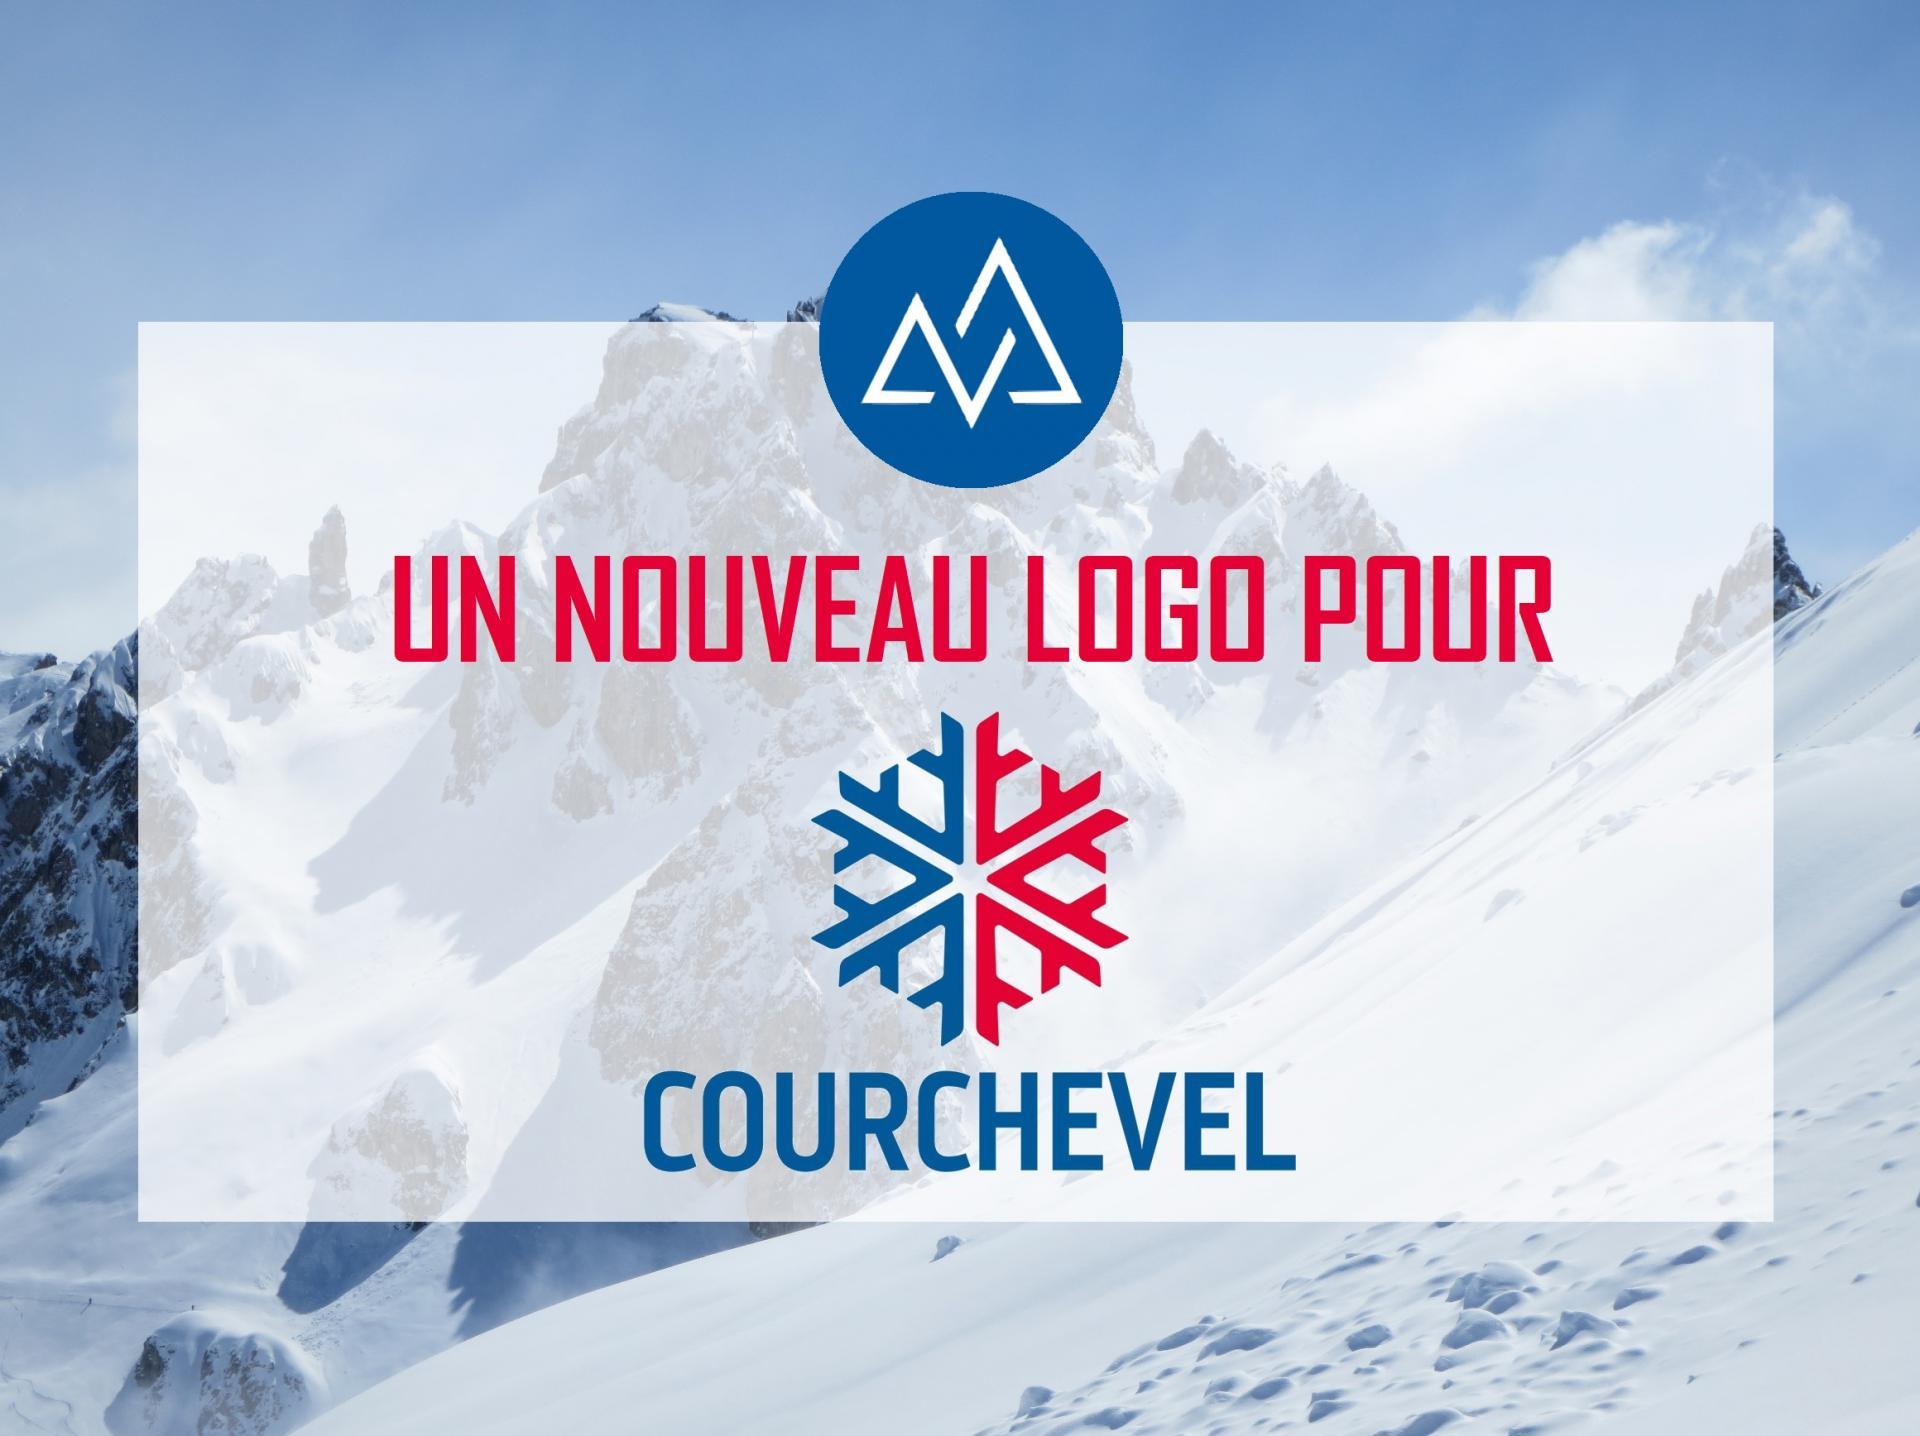 NEWS - Un nouveau logo pour Courchevel